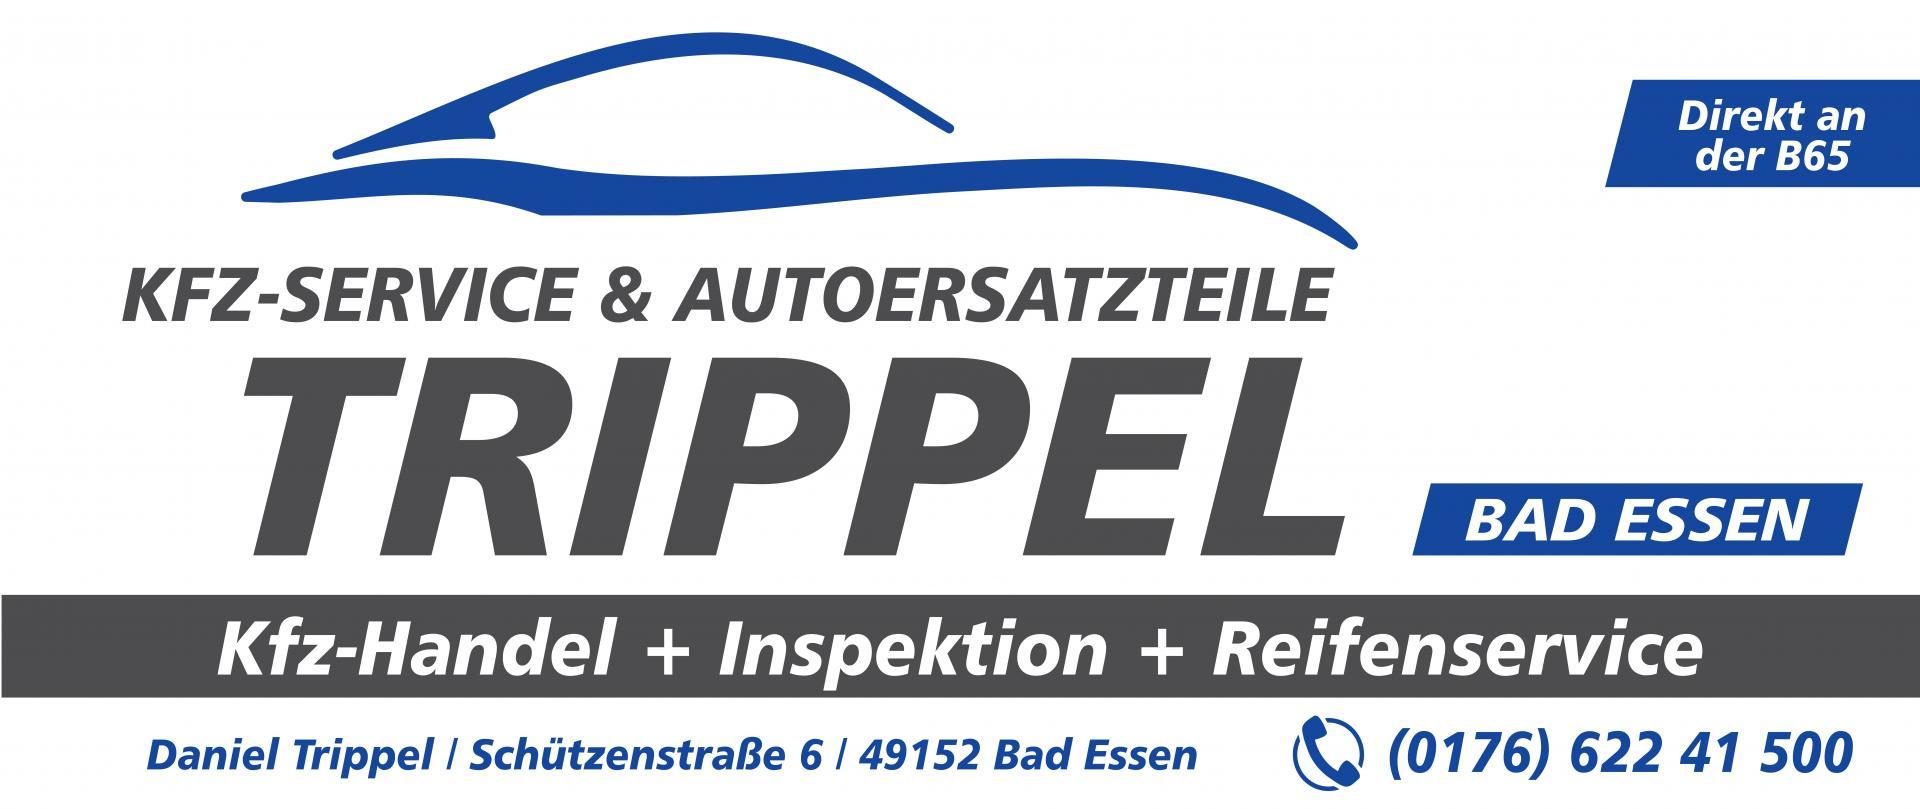 Kfz Trippel